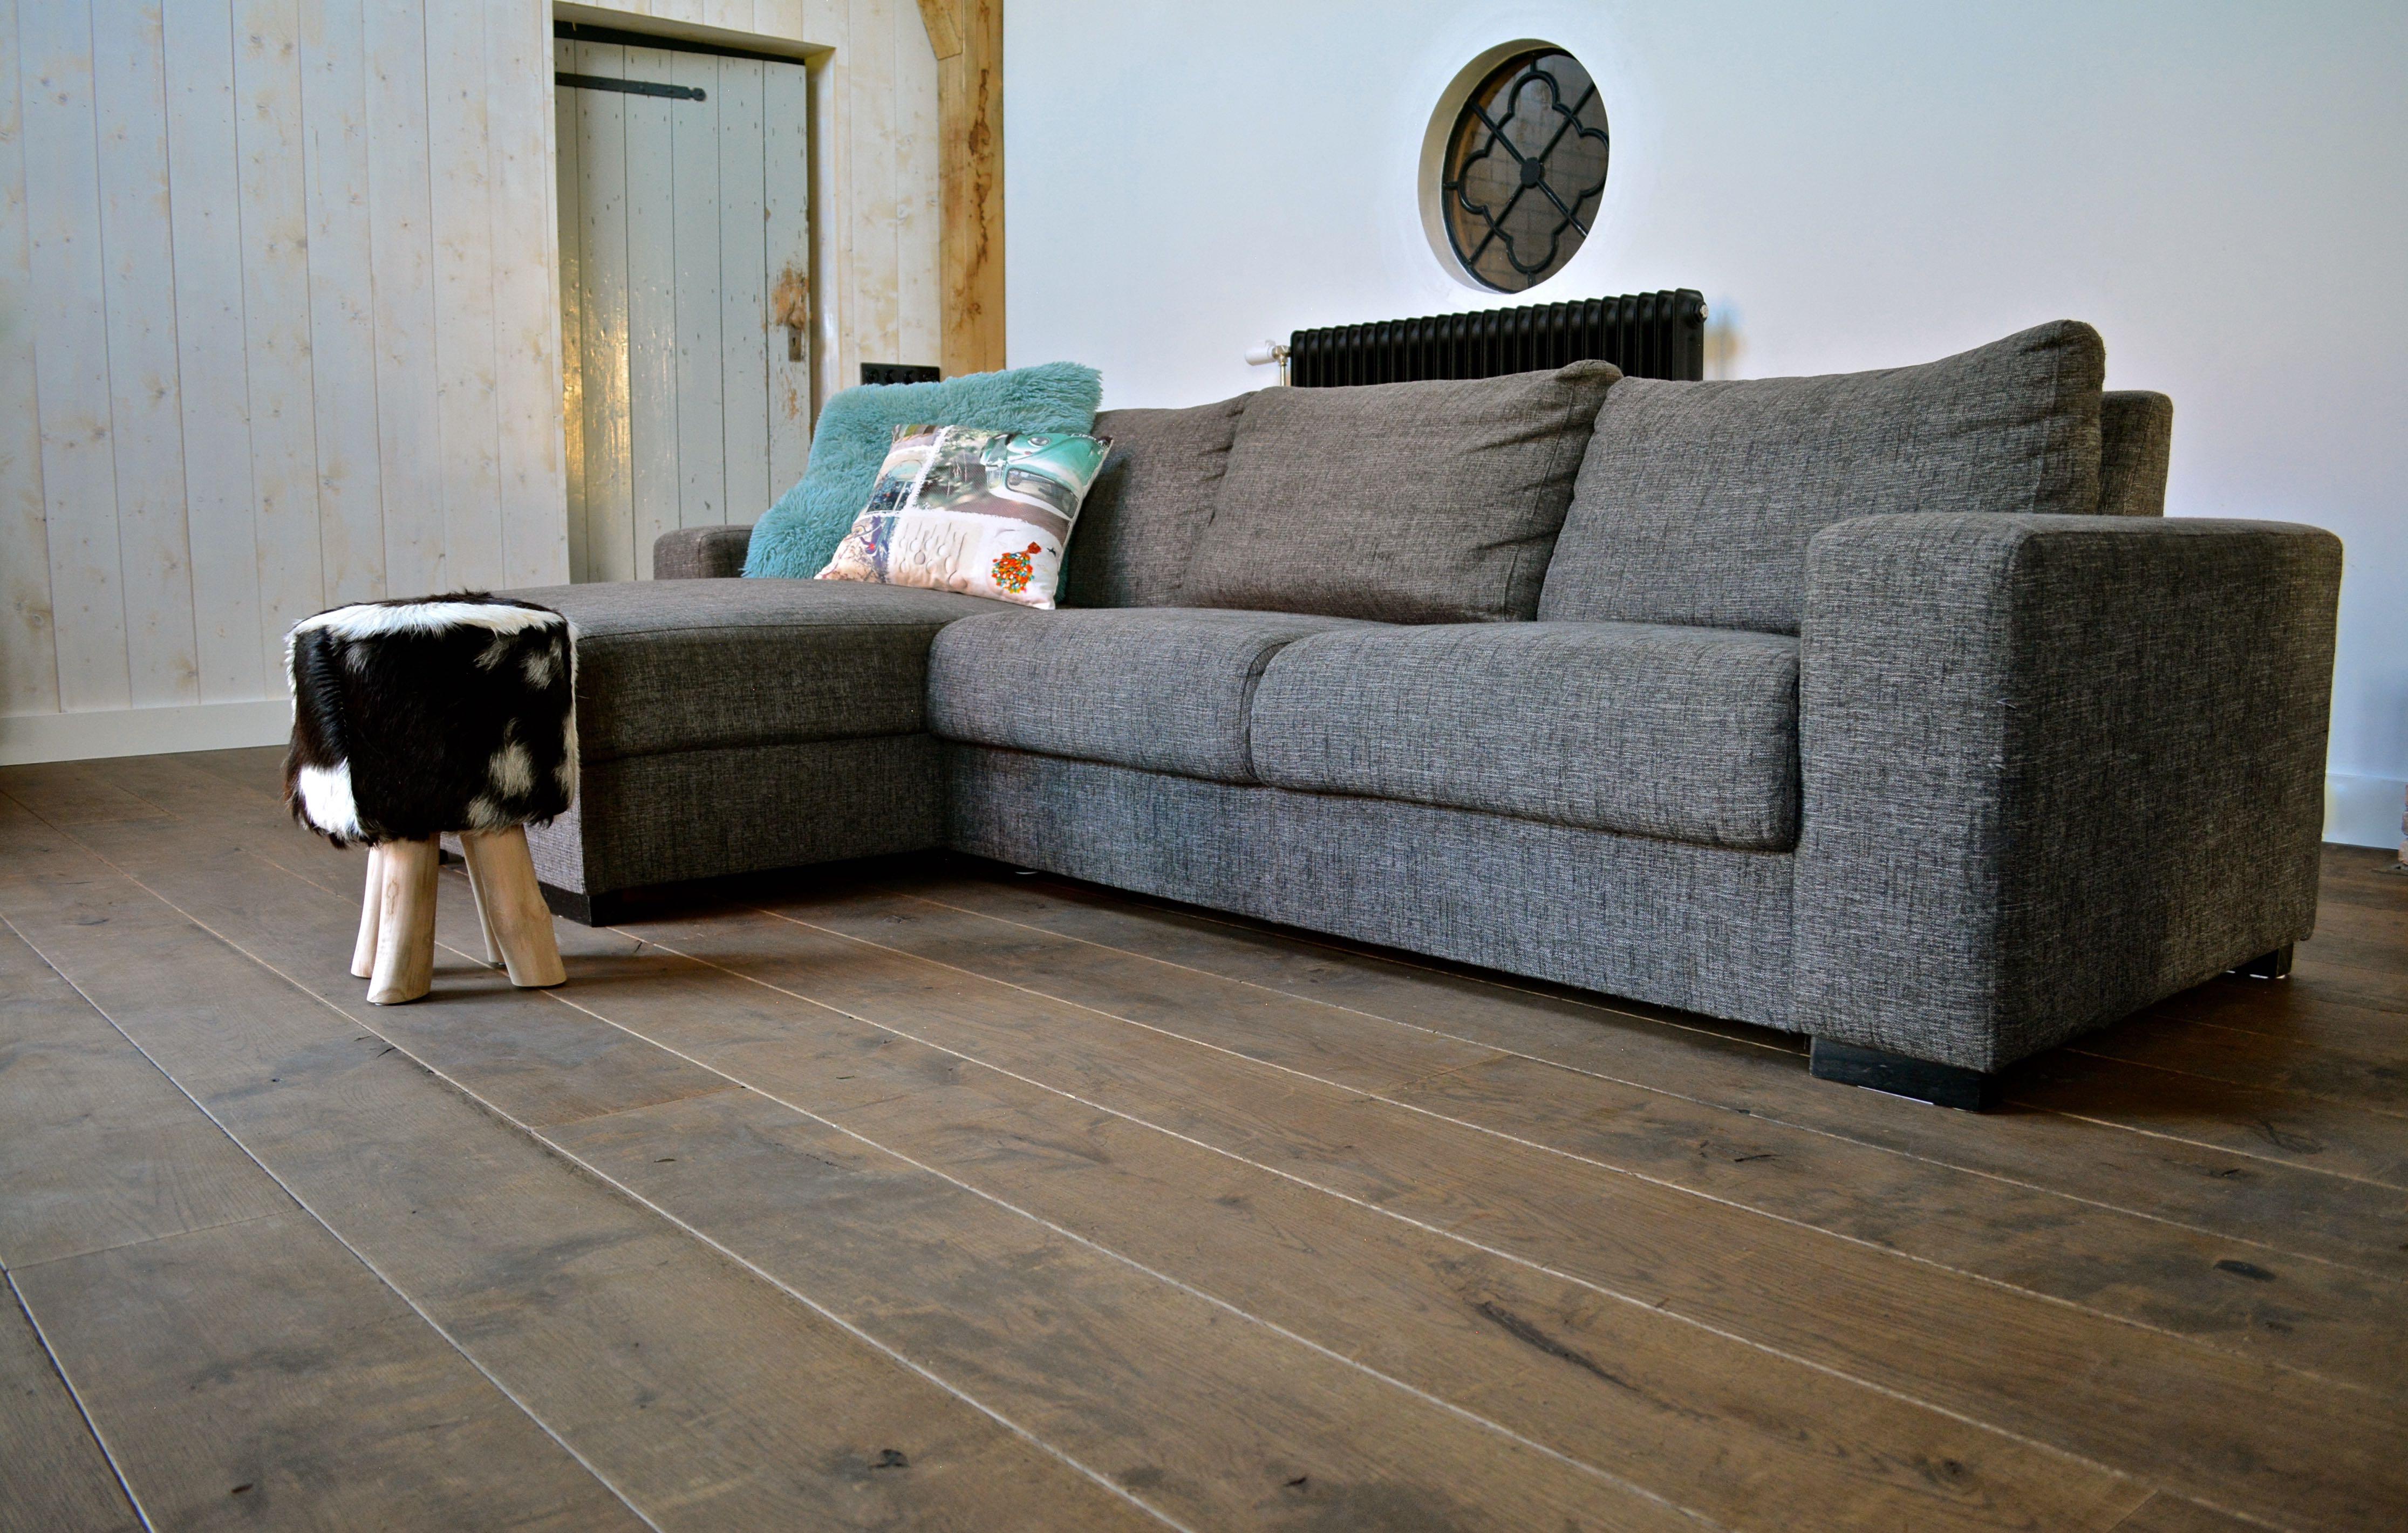 Wonen-interieur.com | Woonideeën voor huis en interieur!Wonen ...